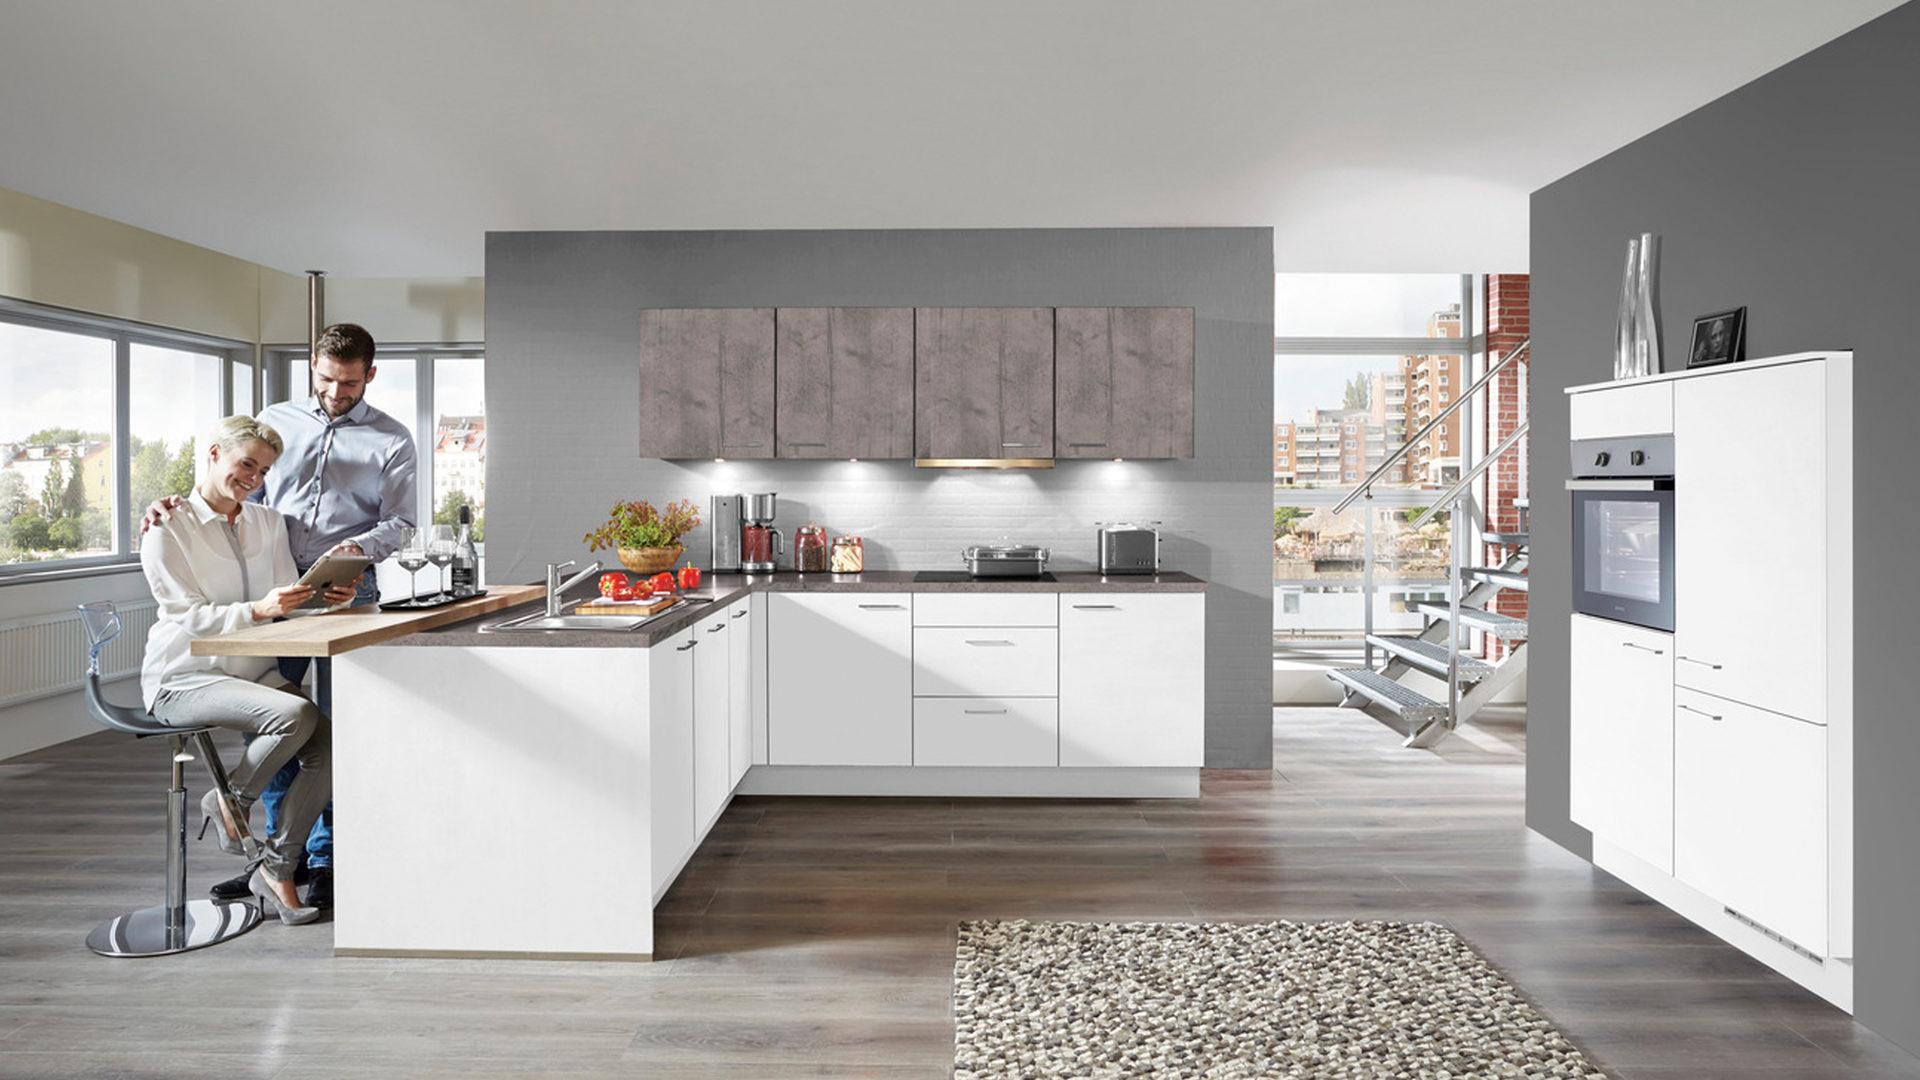 Möbel Boer Coesfeld | Möbel A-Z | Küchen | Einbauküche mit gorenje ...